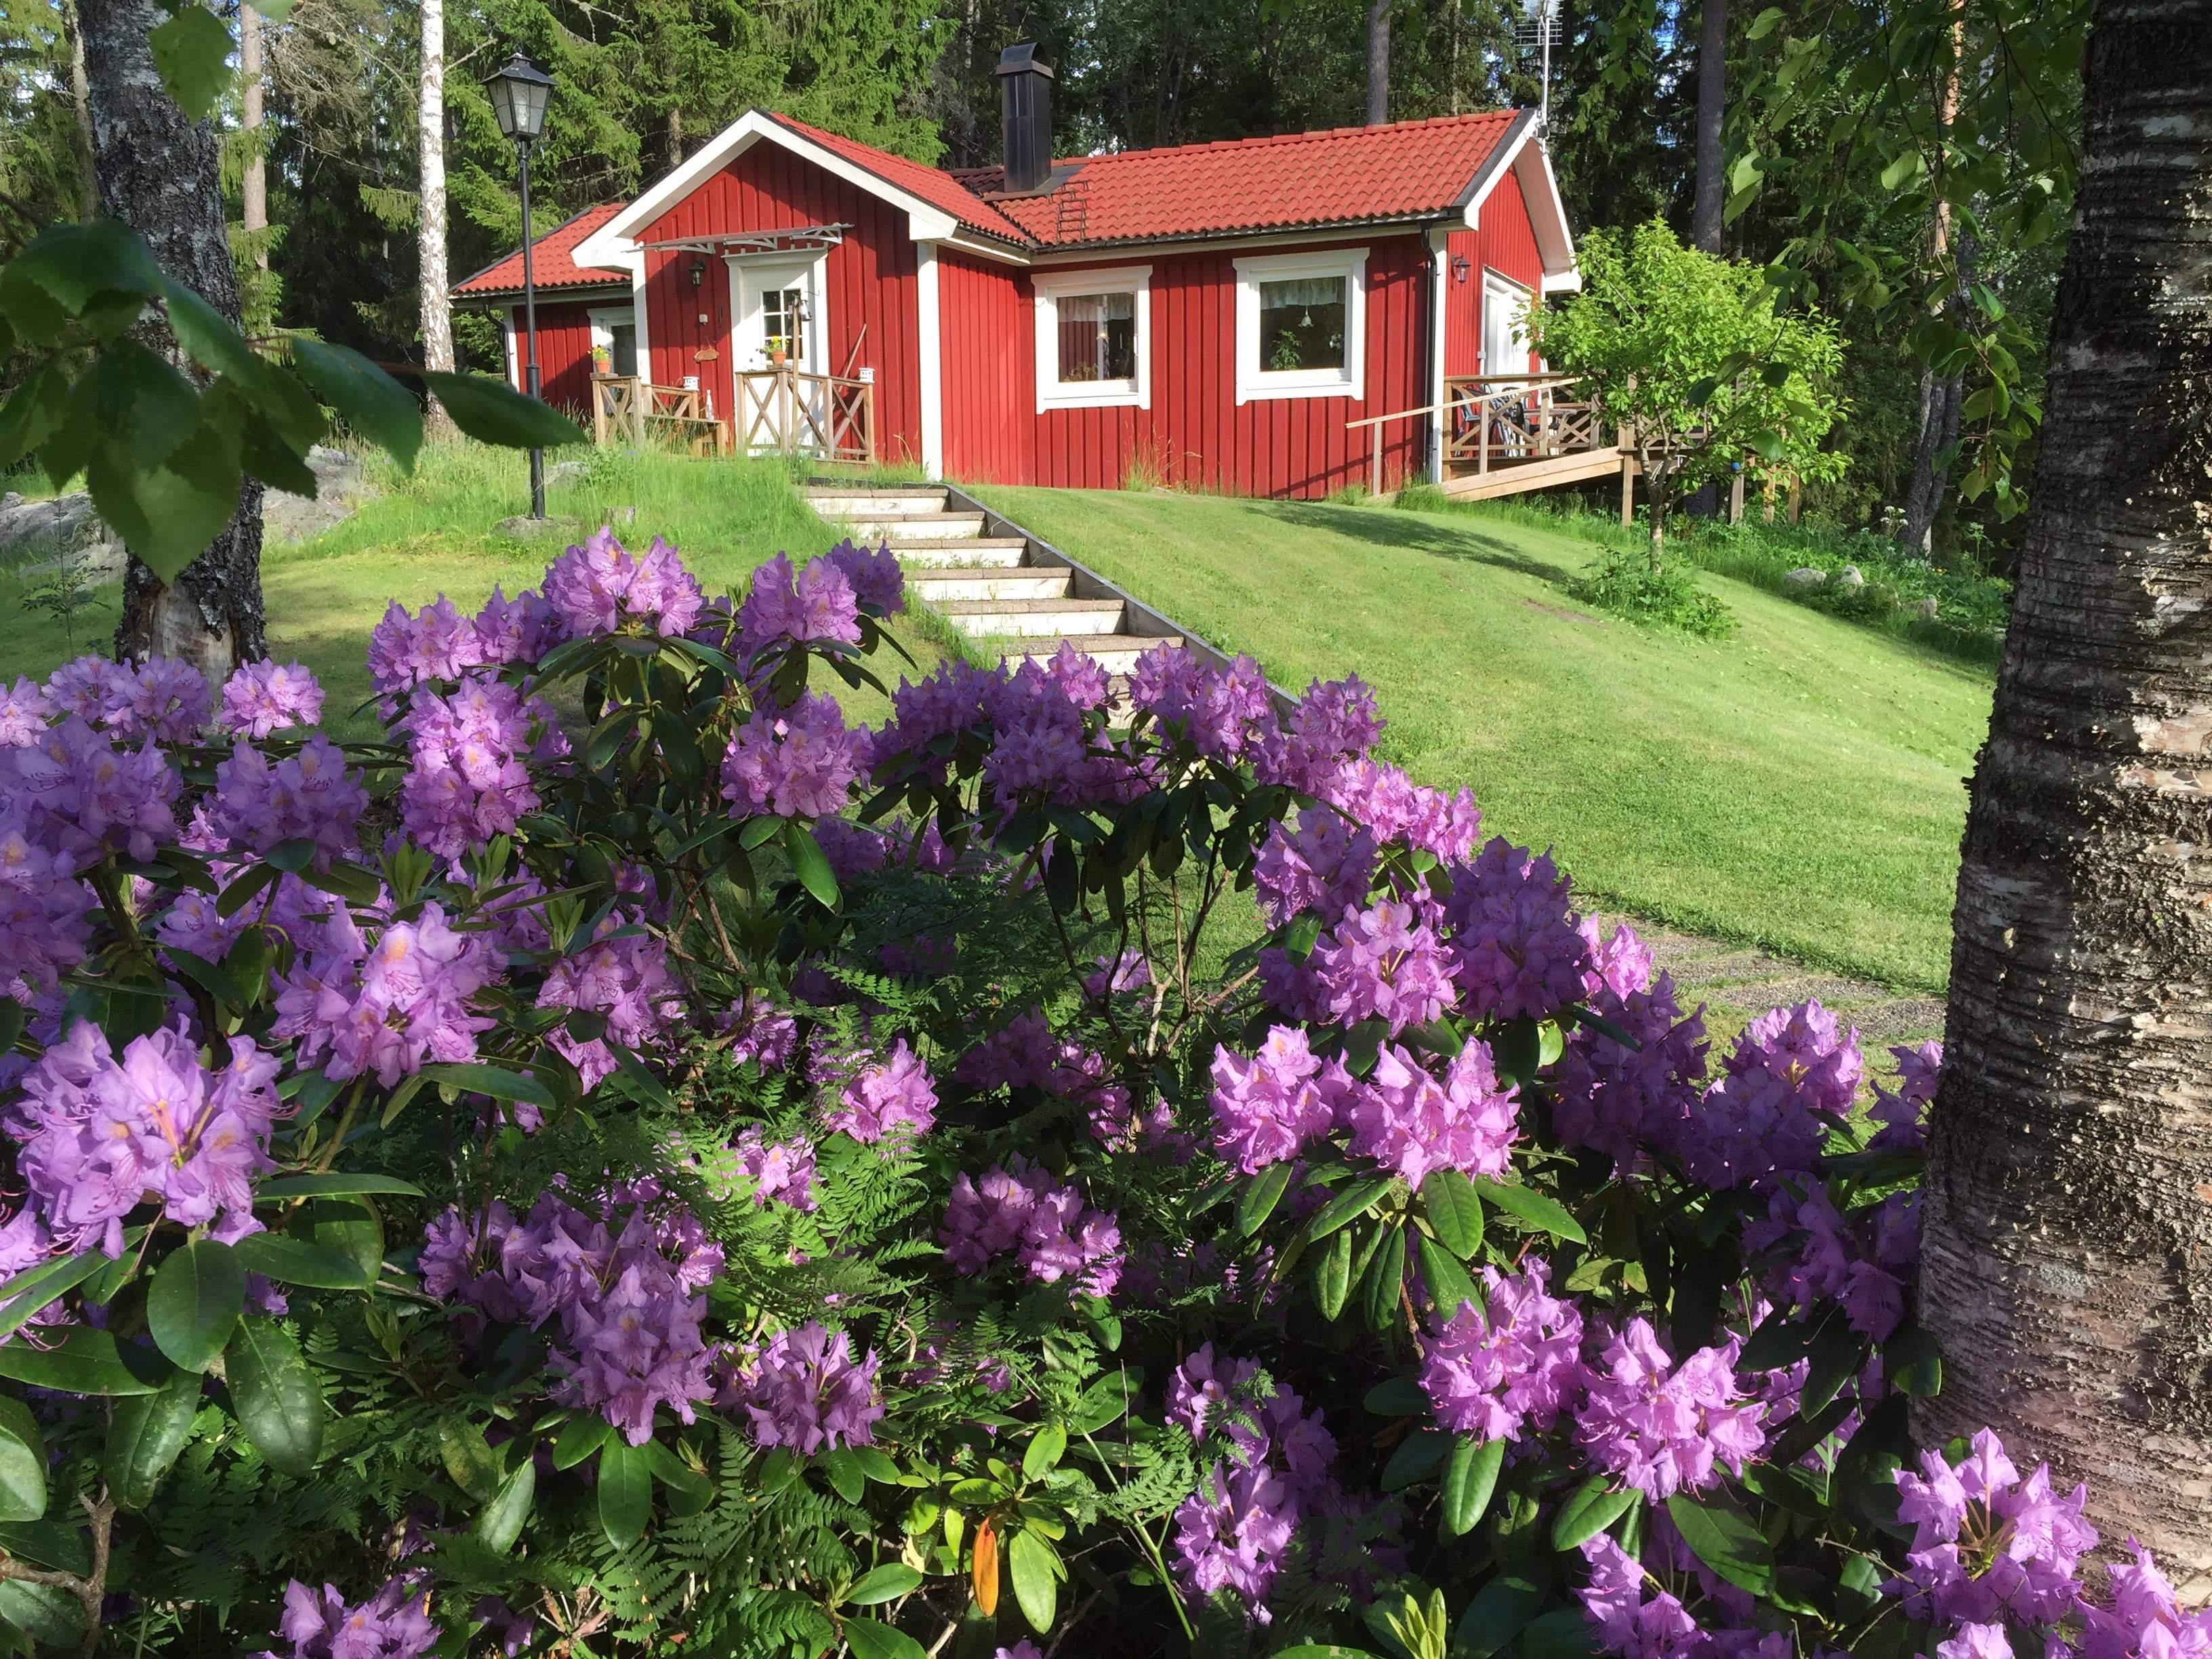 Fil:Edsbro jrnvgsstation satisfaction-survey.net - Wikimedia